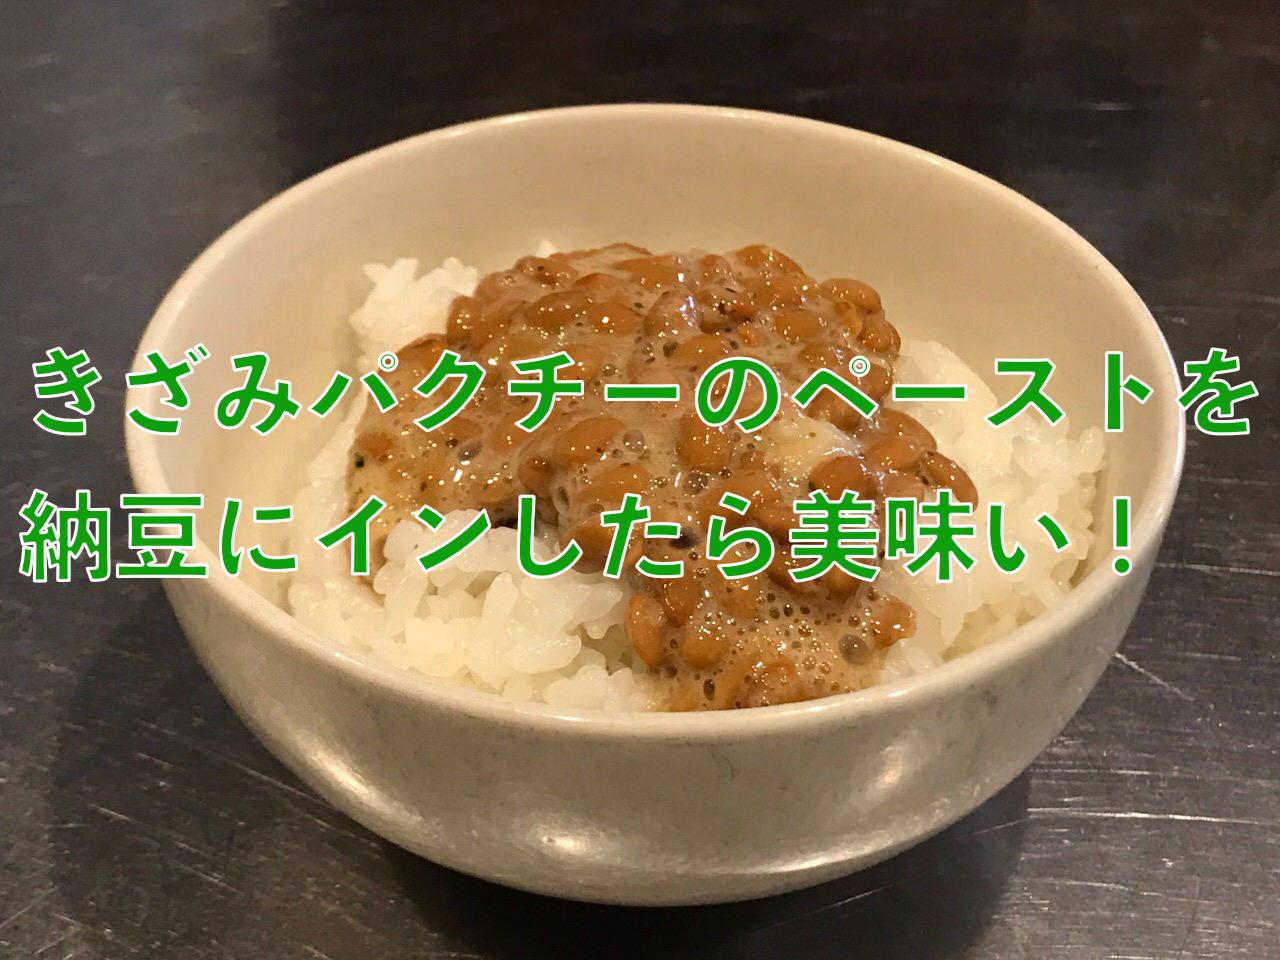 「S&B きざみパクチー」チューブを発見したので納豆にインして食べたら美味い!